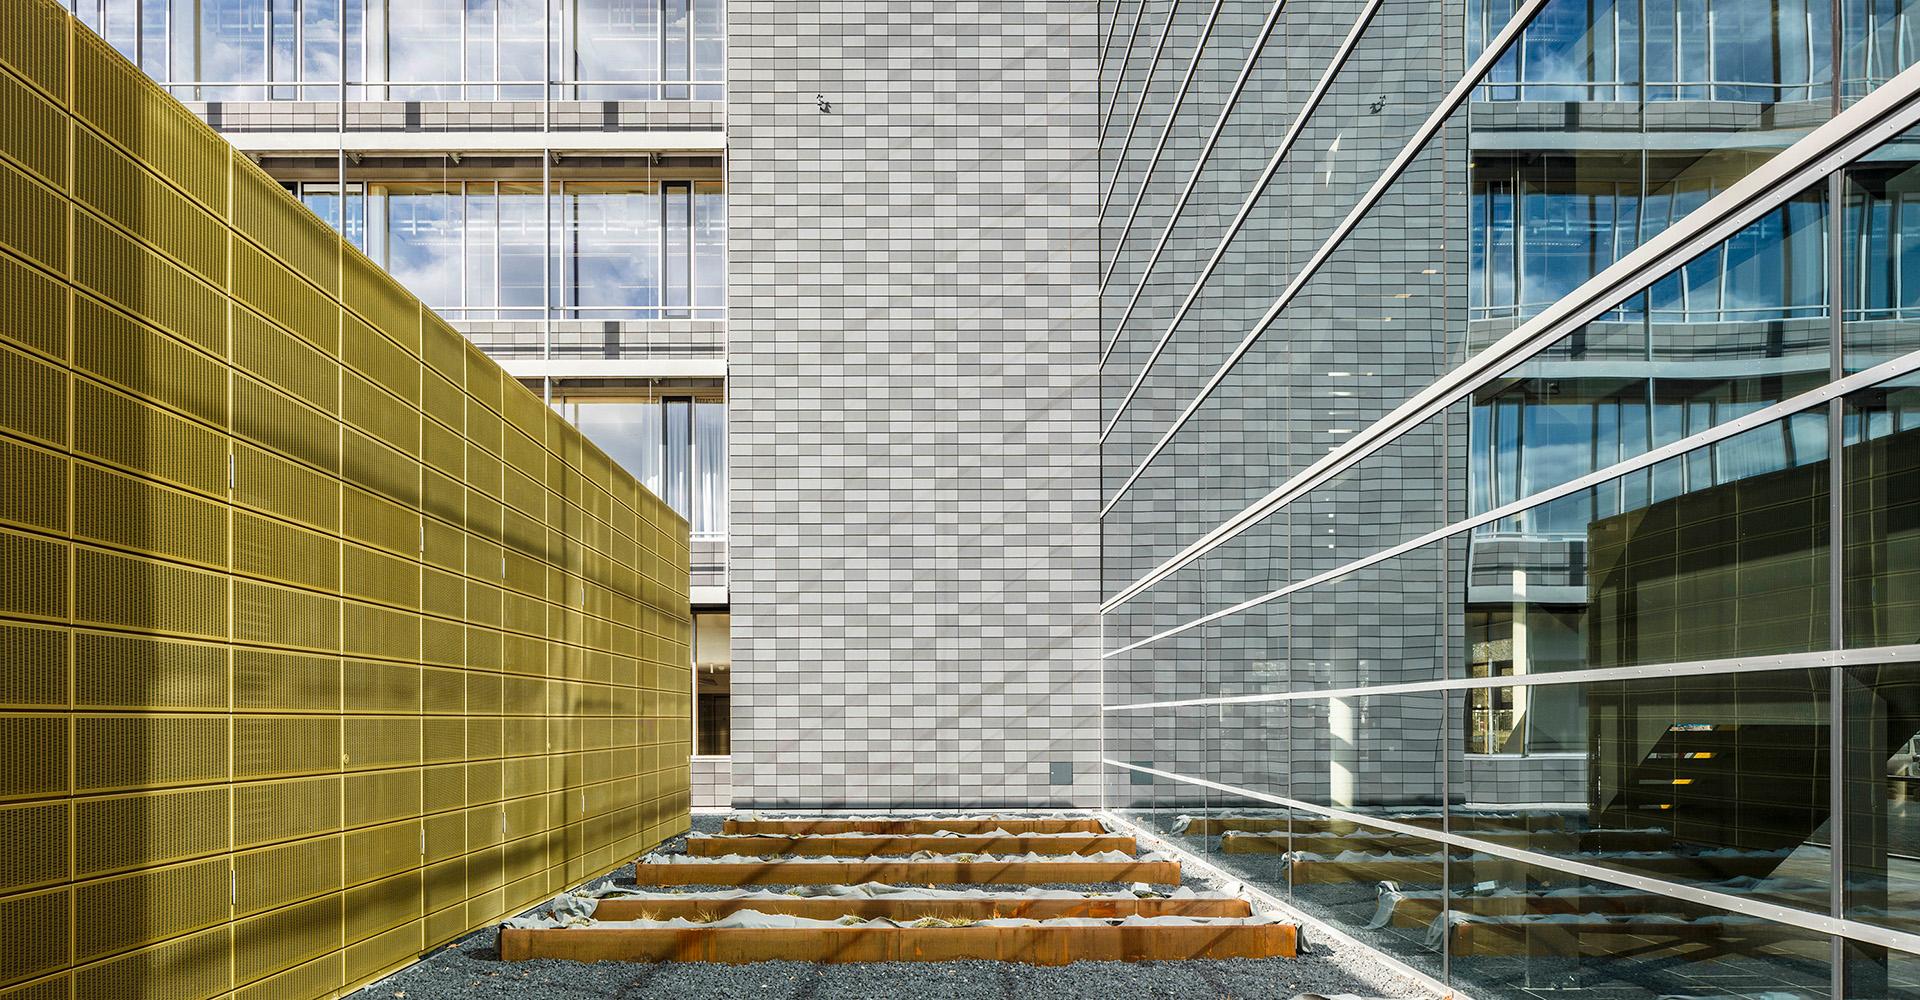 Materialforschung (CAM) Heidelberg 1 - ArGe Architekten